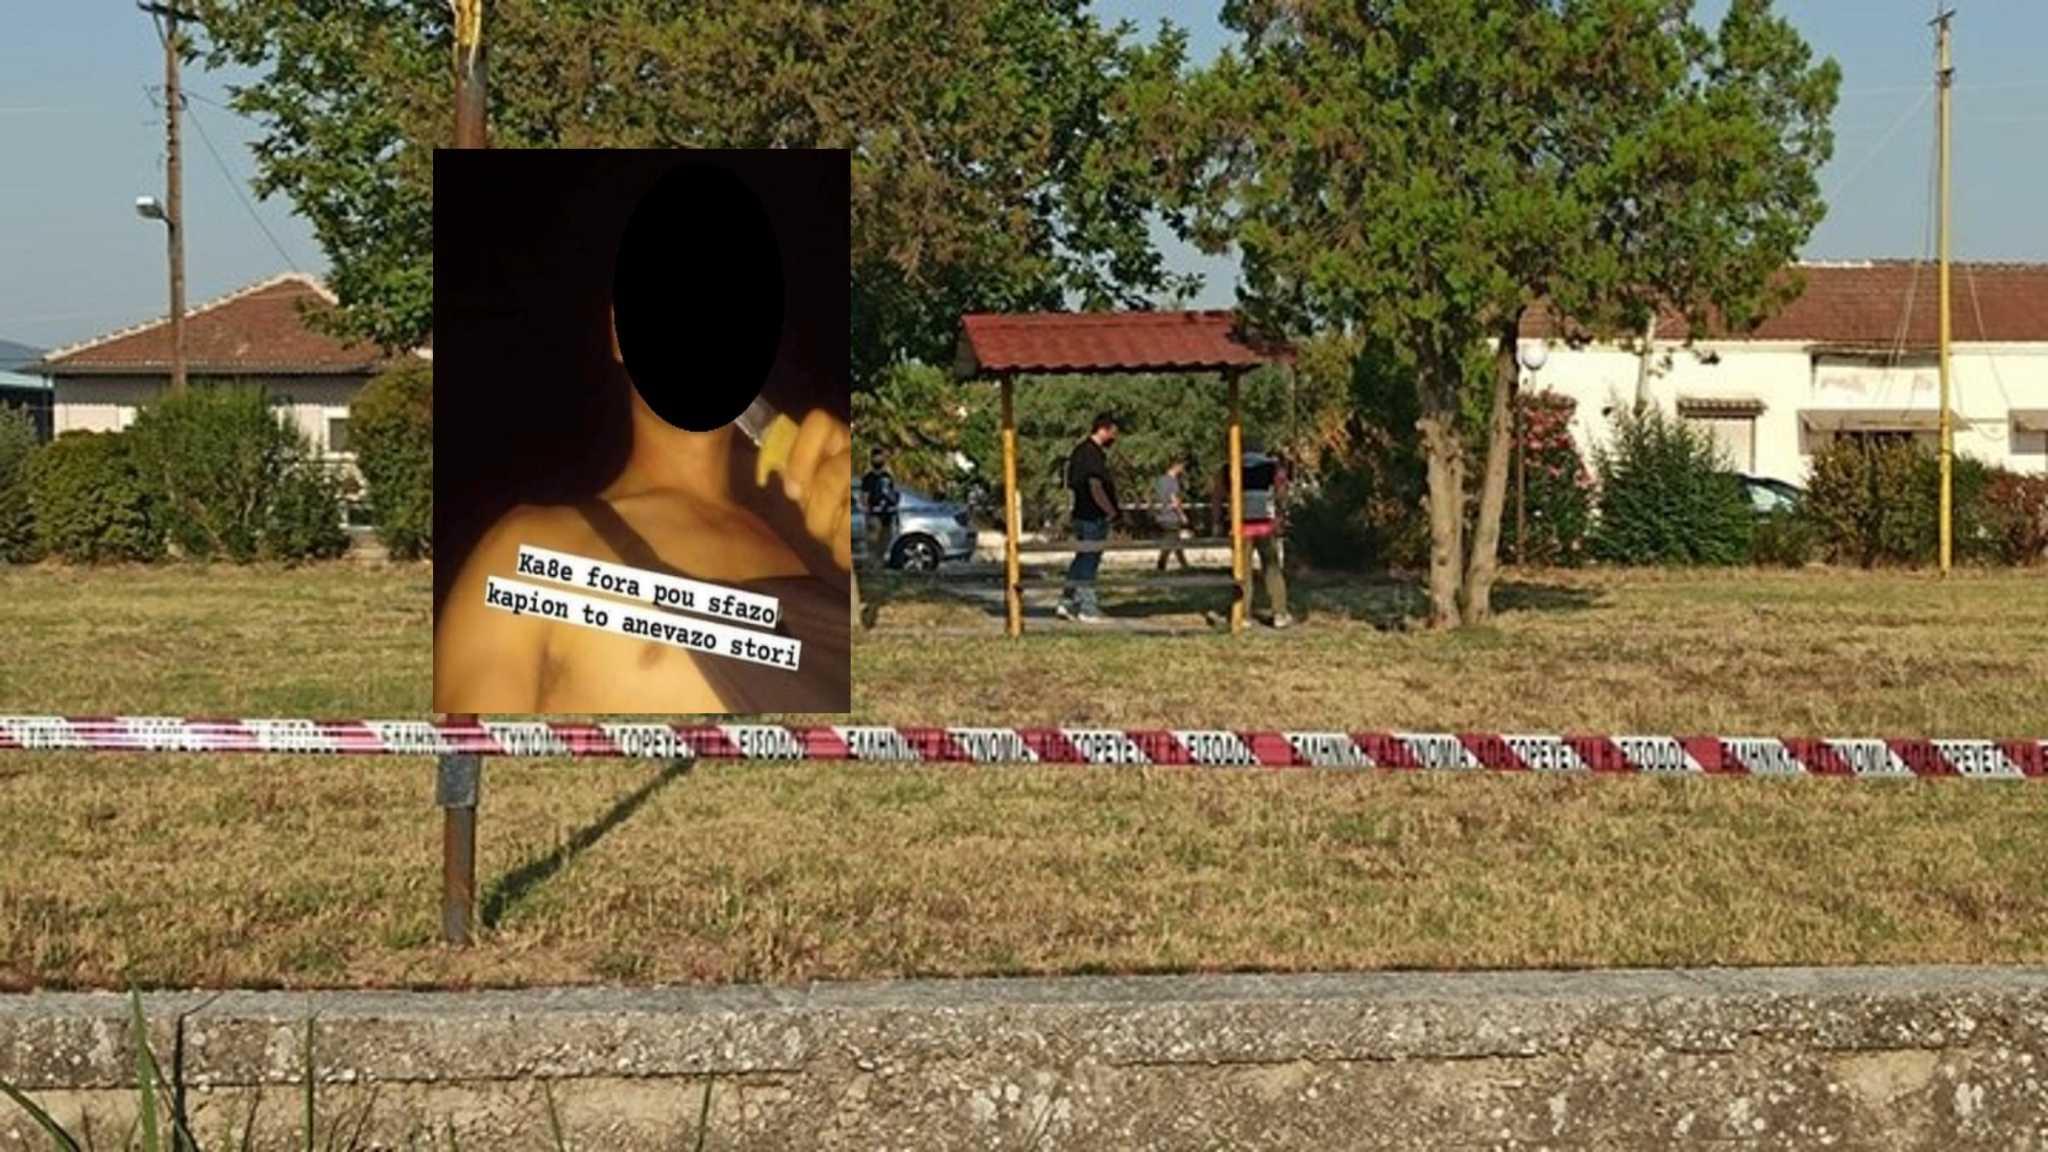 Σέρρες – Δολοφονία 20χρονου: «Με απειλούσε με φωτογραφίες» λέει η κοπέλα του θύματος για τον 21χρονο